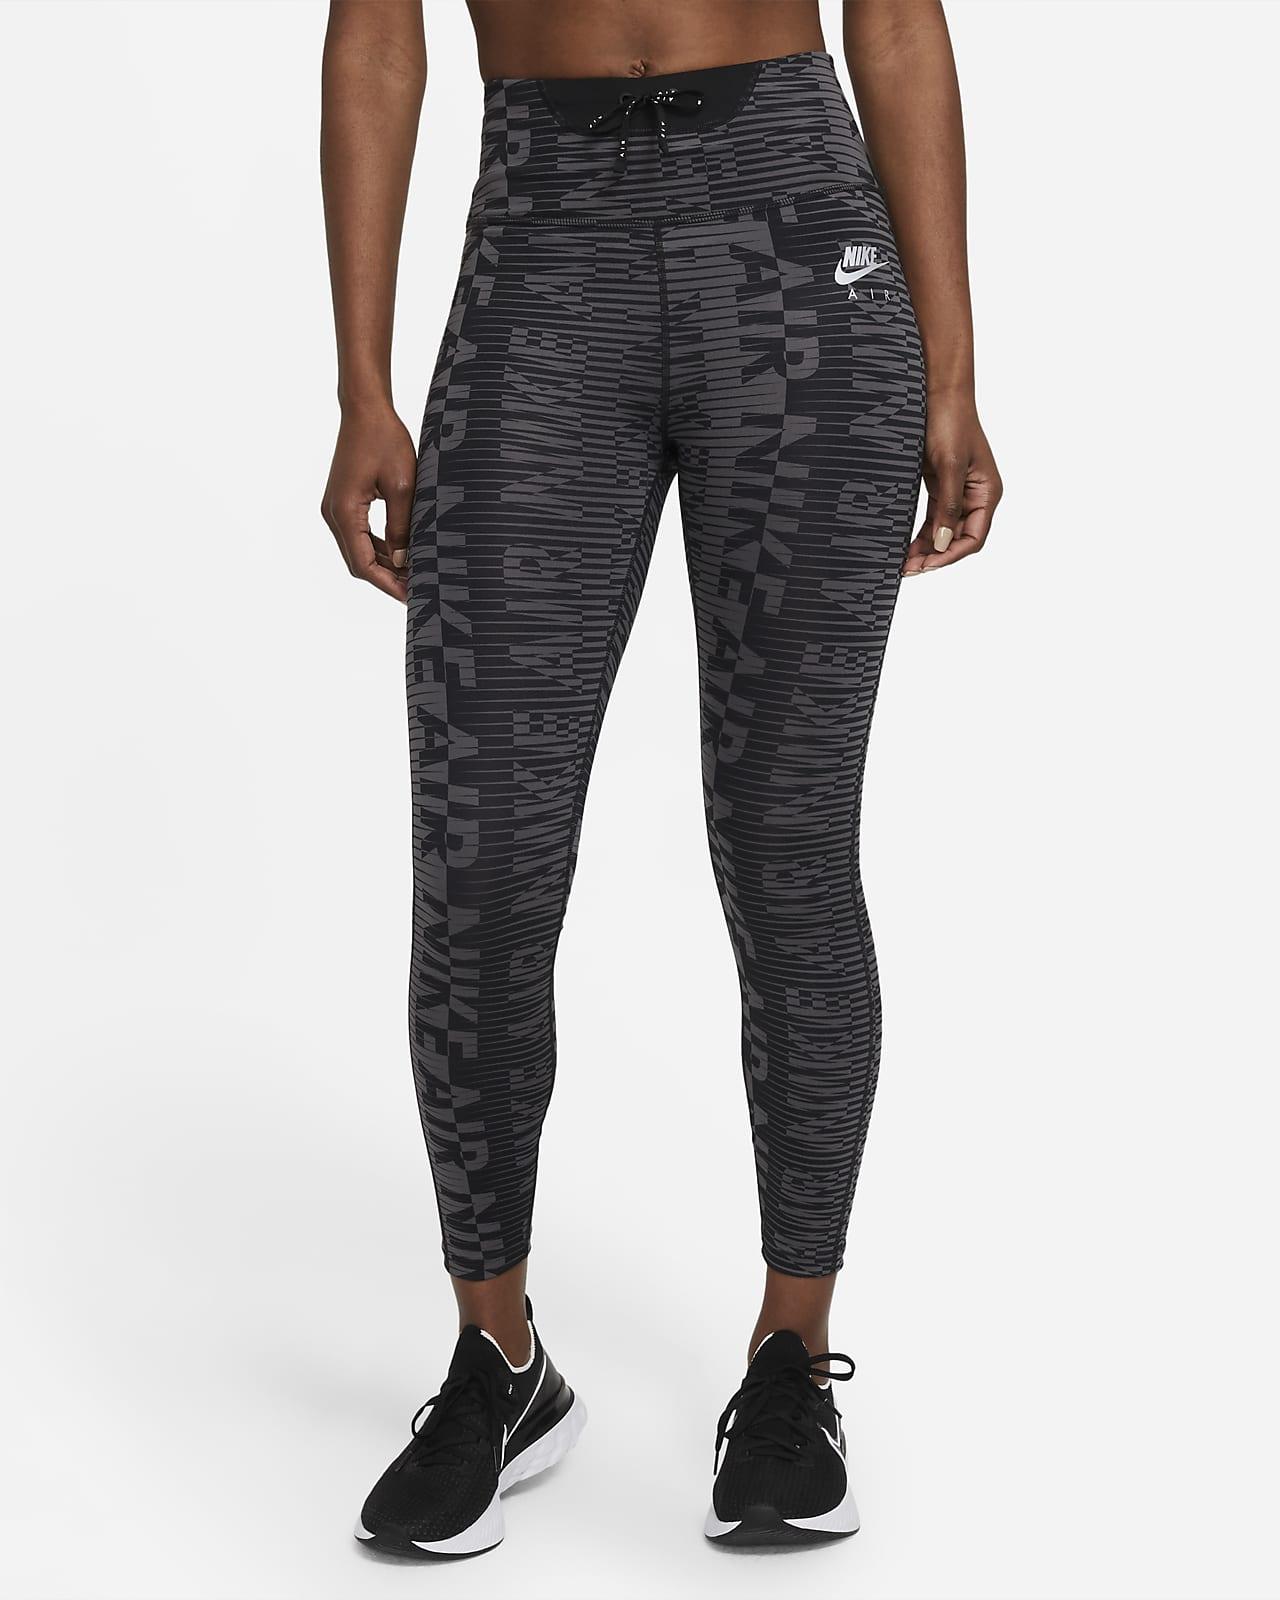 เลกกิ้งวิ่งเอวสูงผู้หญิง 7/8 ส่วนพิมพ์ลาย Nike Air Epic Fast